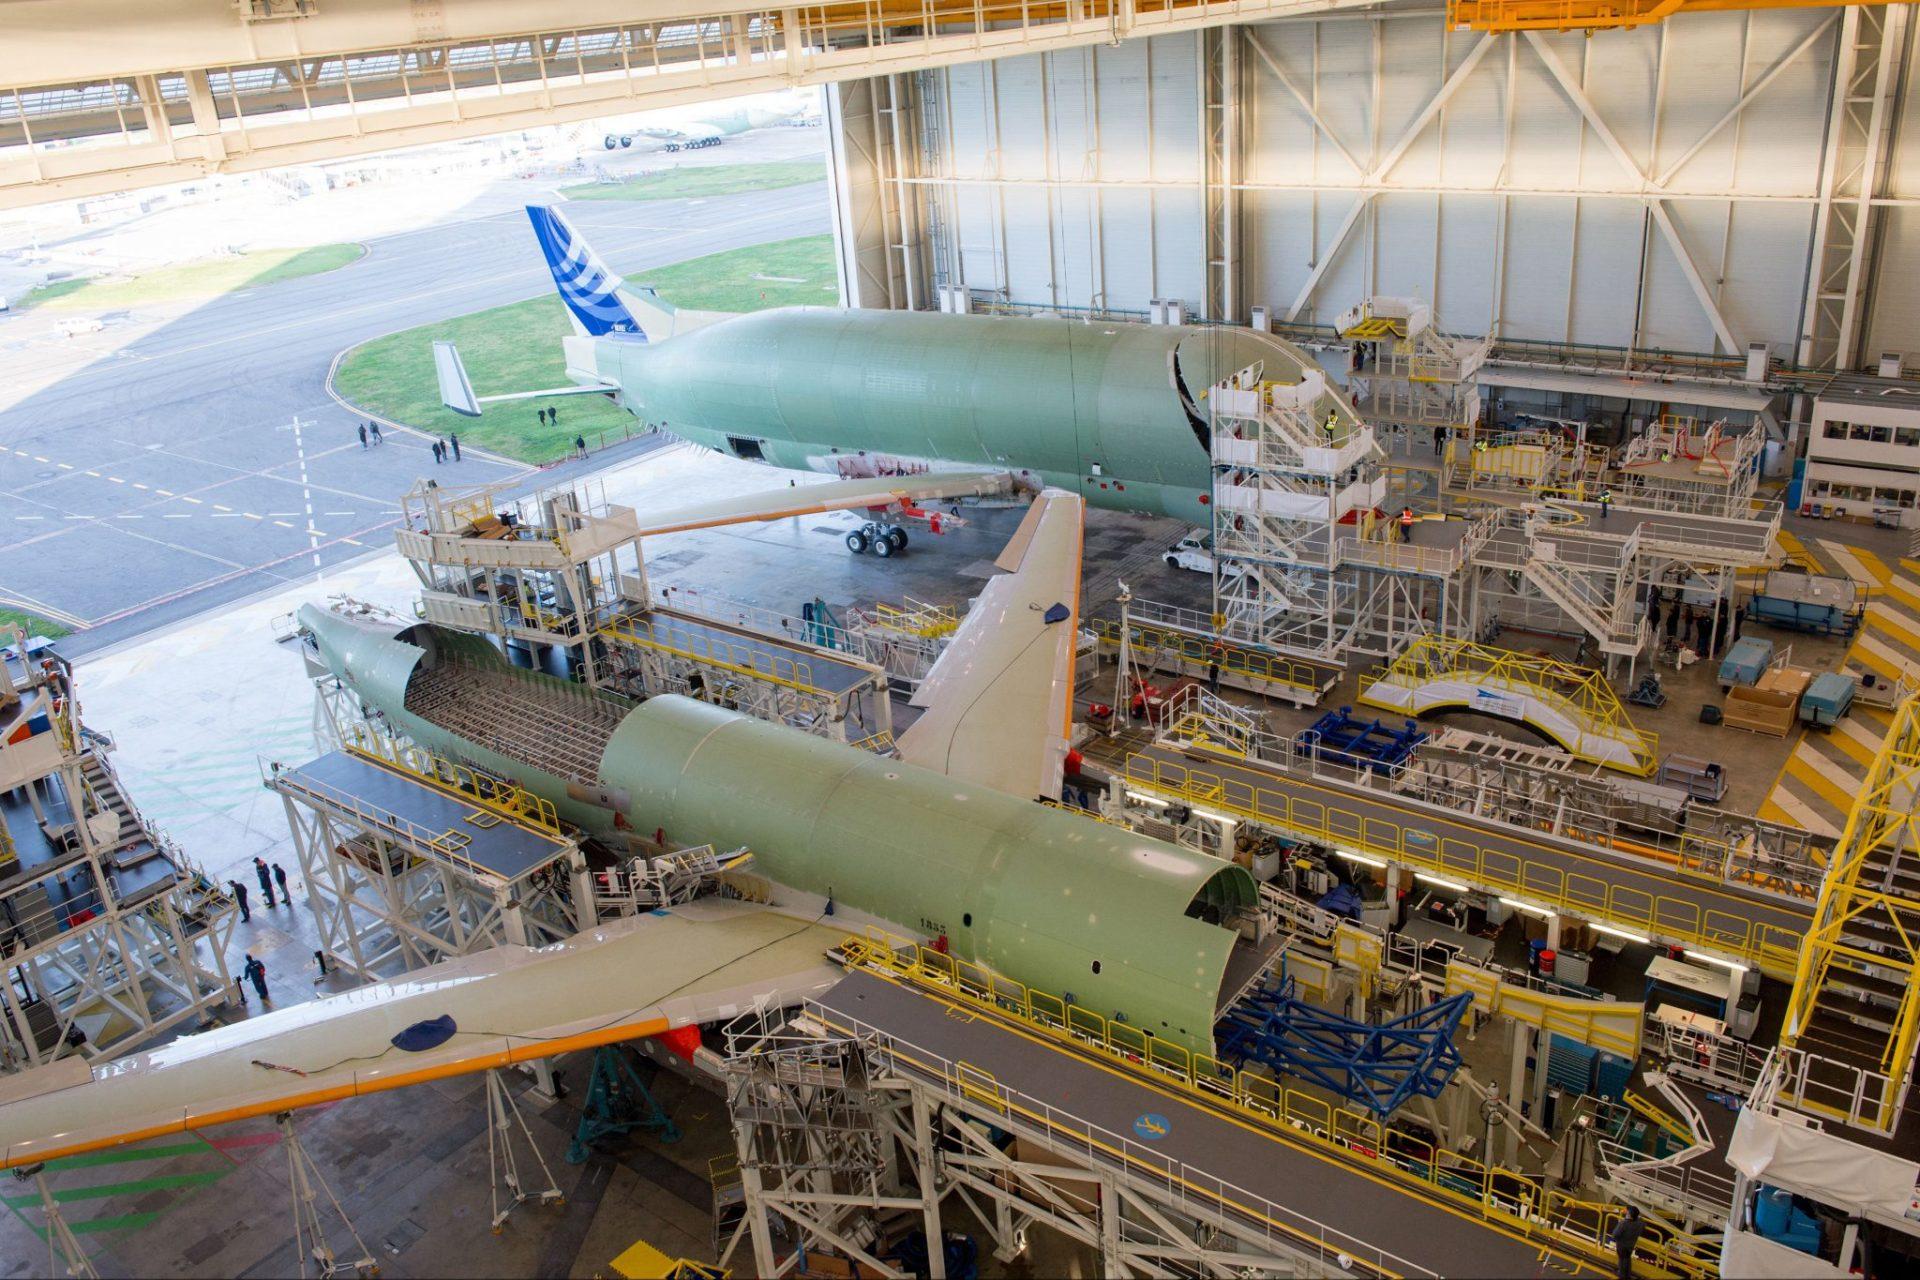 BelugaXL No1 assembly (Image: P.Masclet/Airbus)